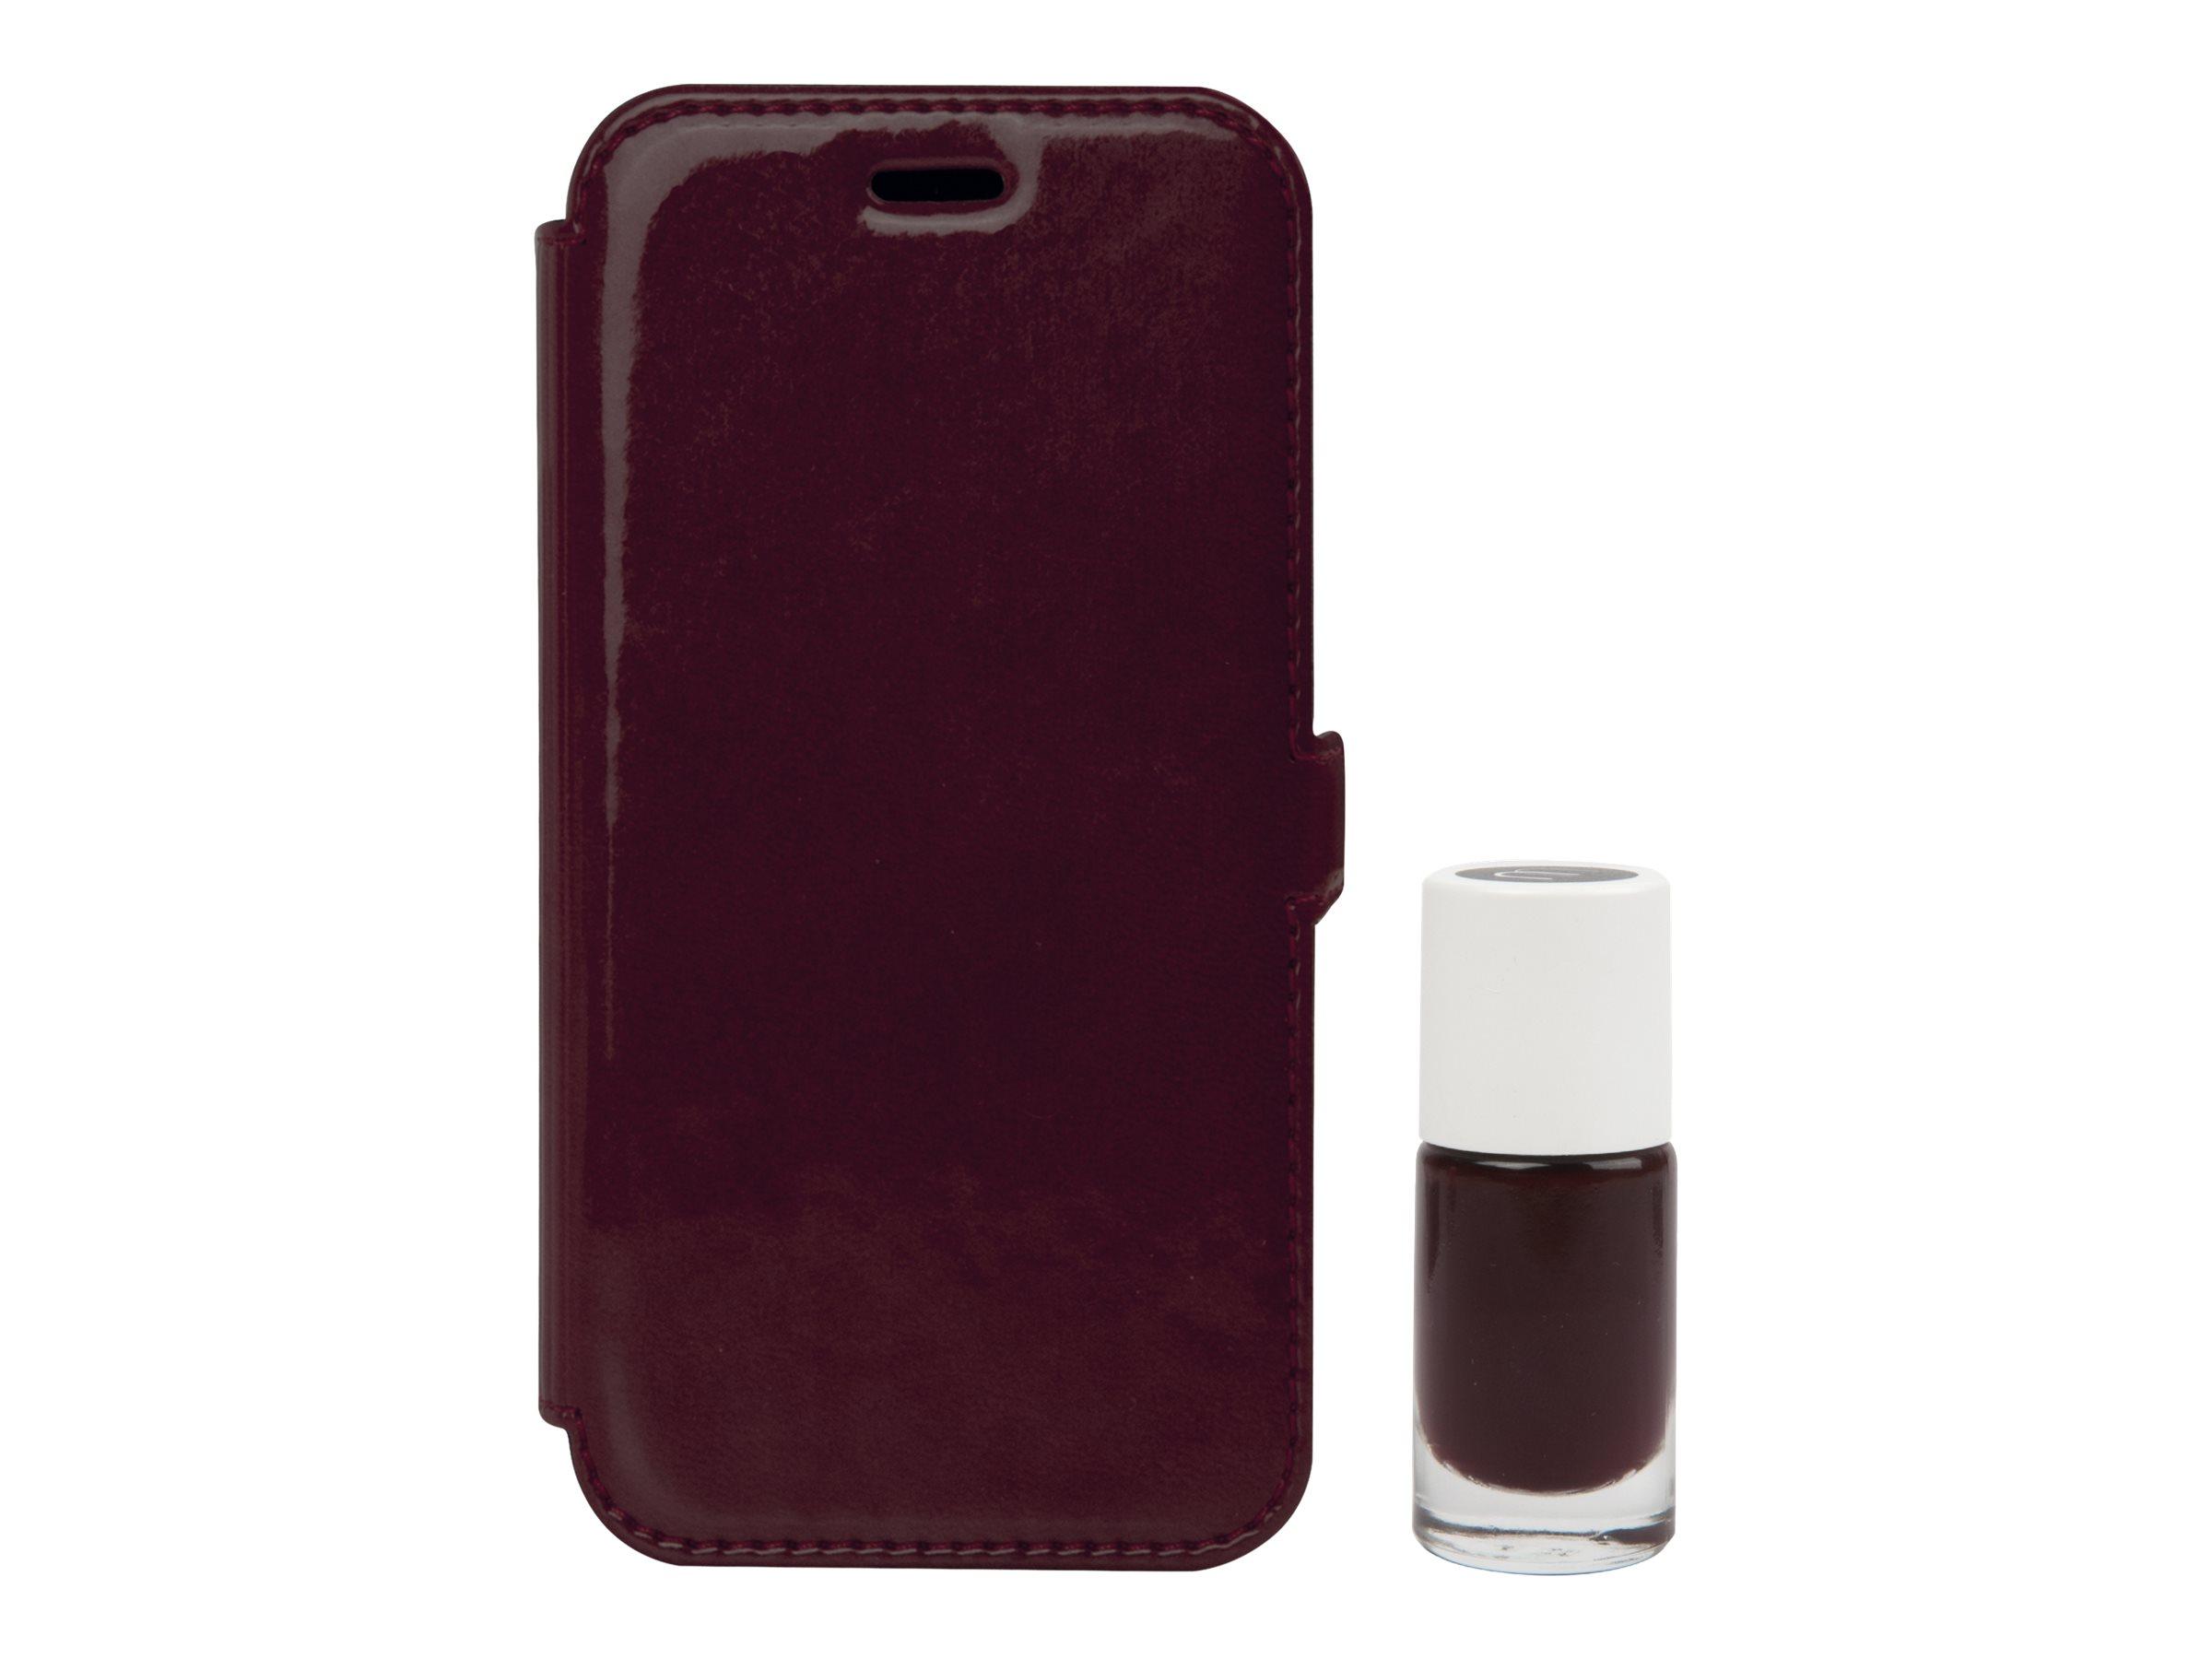 MUVIT LIFE Pack protection à rabat pour téléphone portable